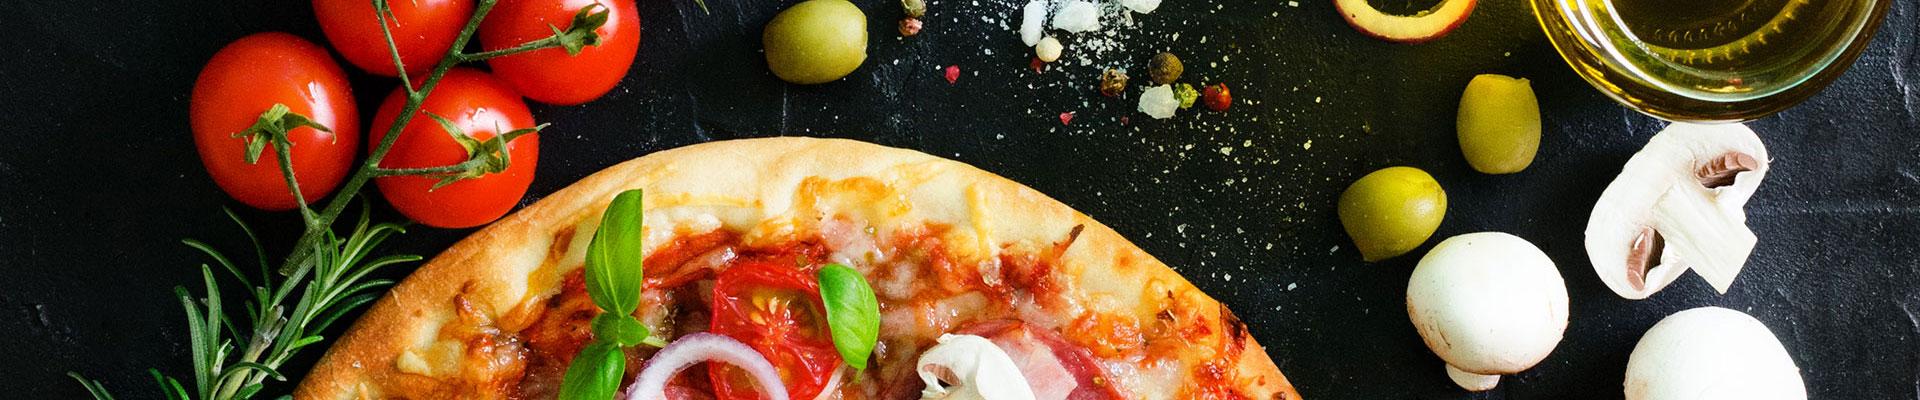 pizzeria-obris-menus-mediodia-2